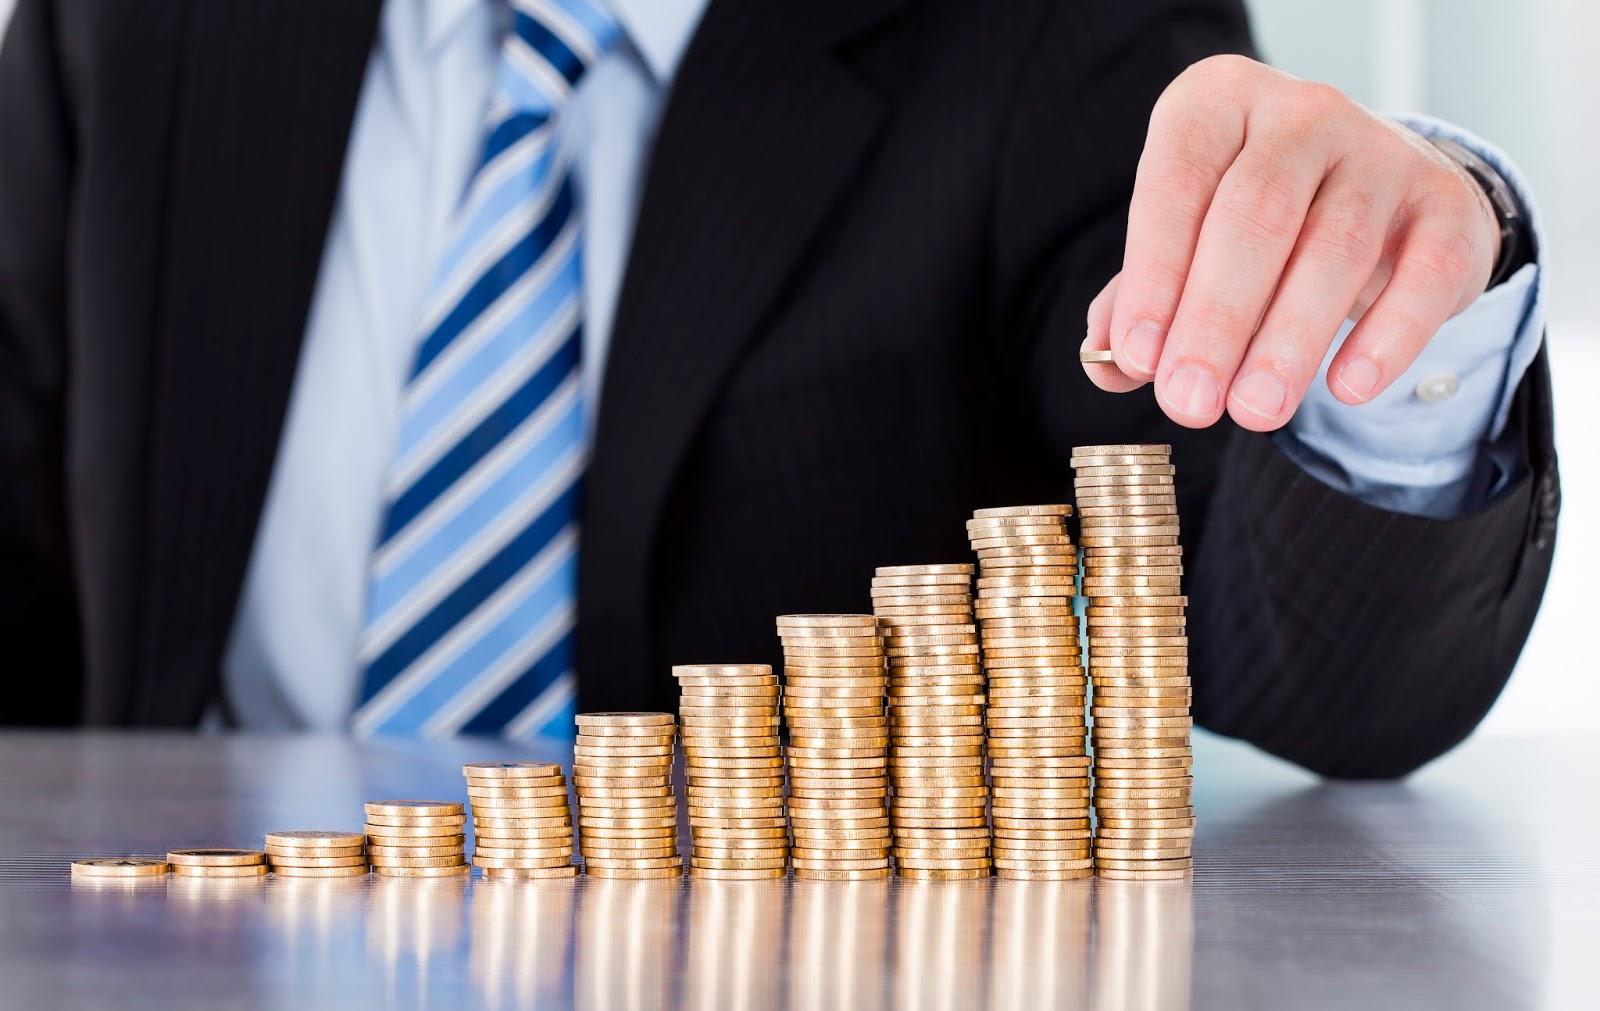 Japón y Egipto fueron los países que registraron la mayor pérdida de riquezas.